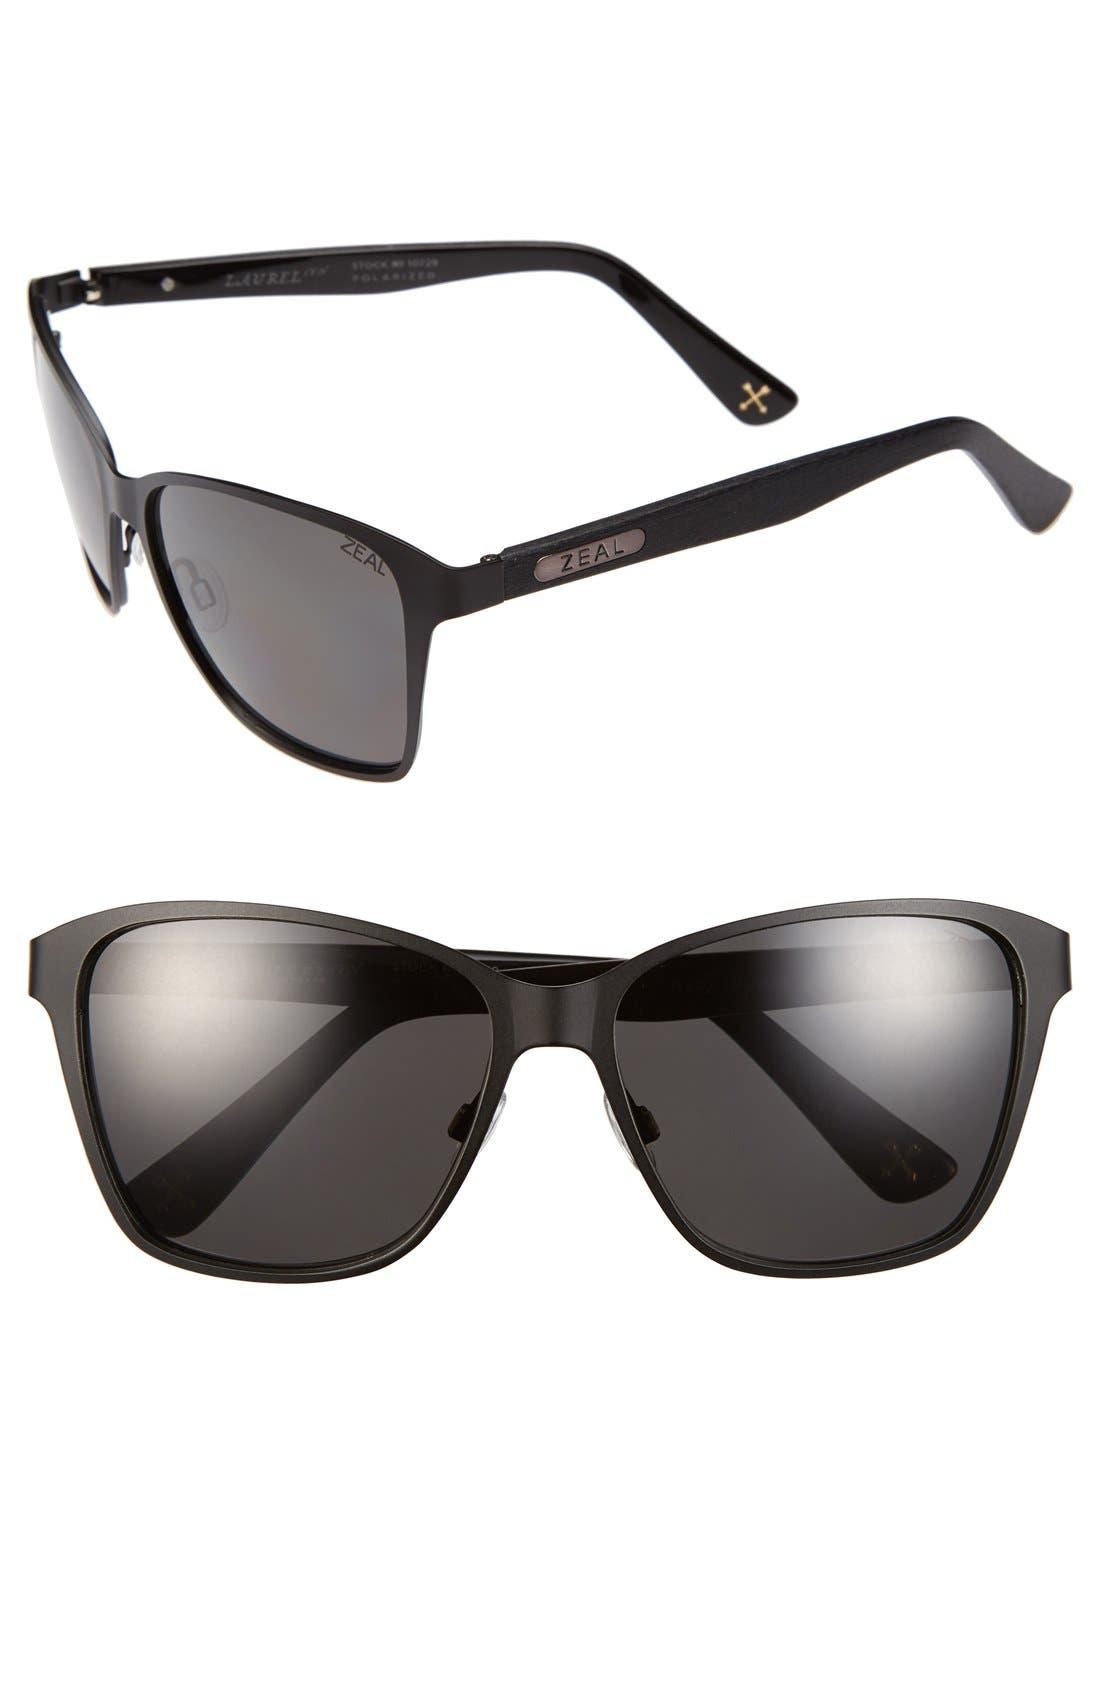 Alternate Image 1 Selected - Zeal Optics 'Laurel Canyon' 57mm Retro Polarized Sunglasses